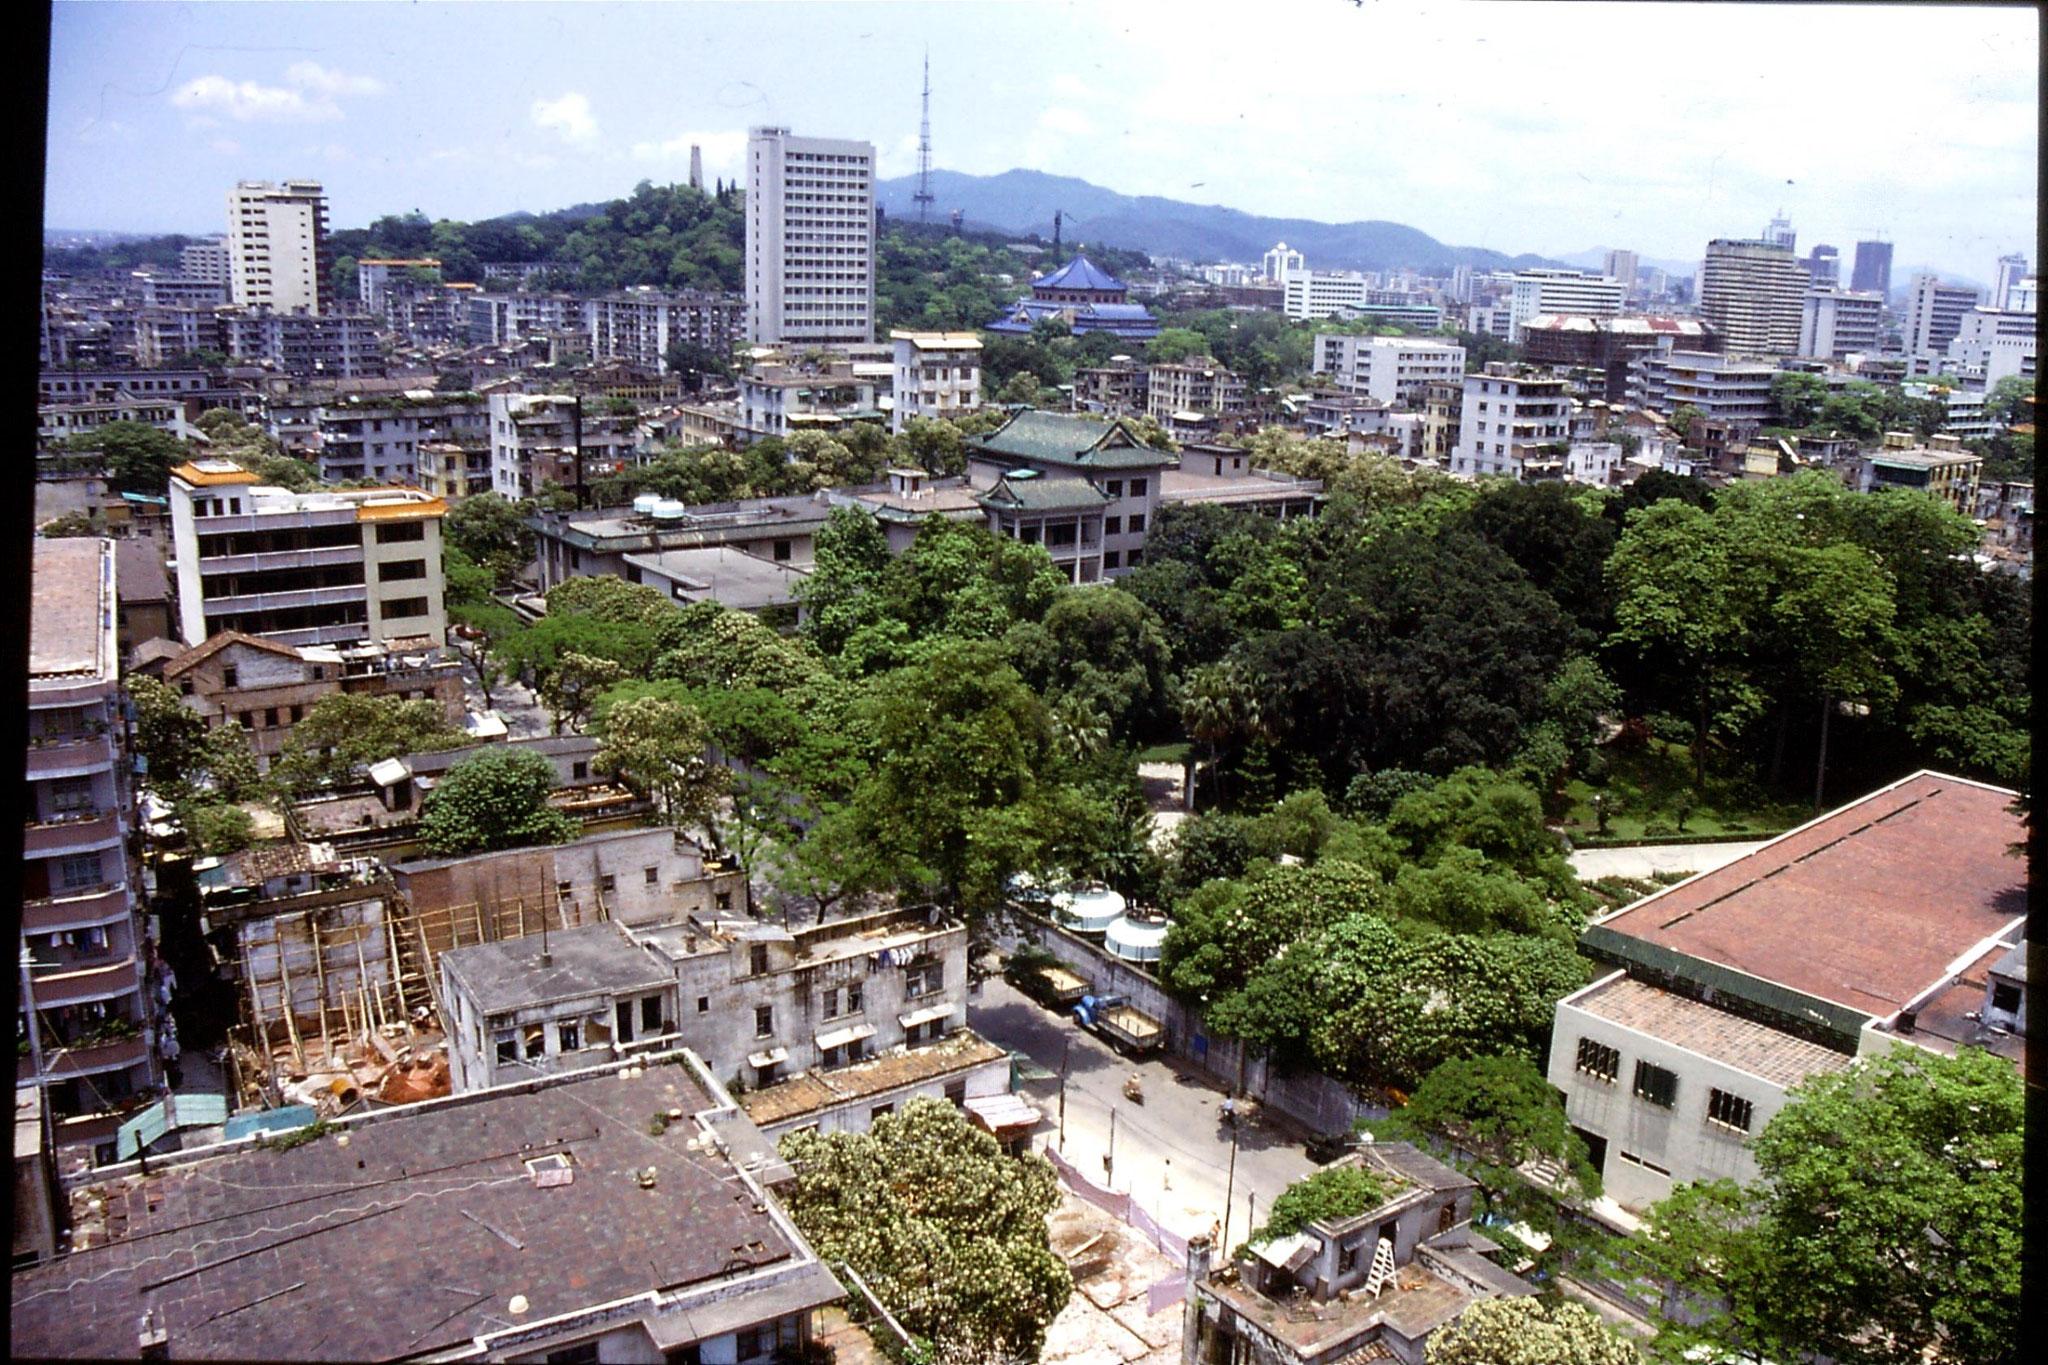 18/5/1989: 32: Guangzhou Six Banyan Temple